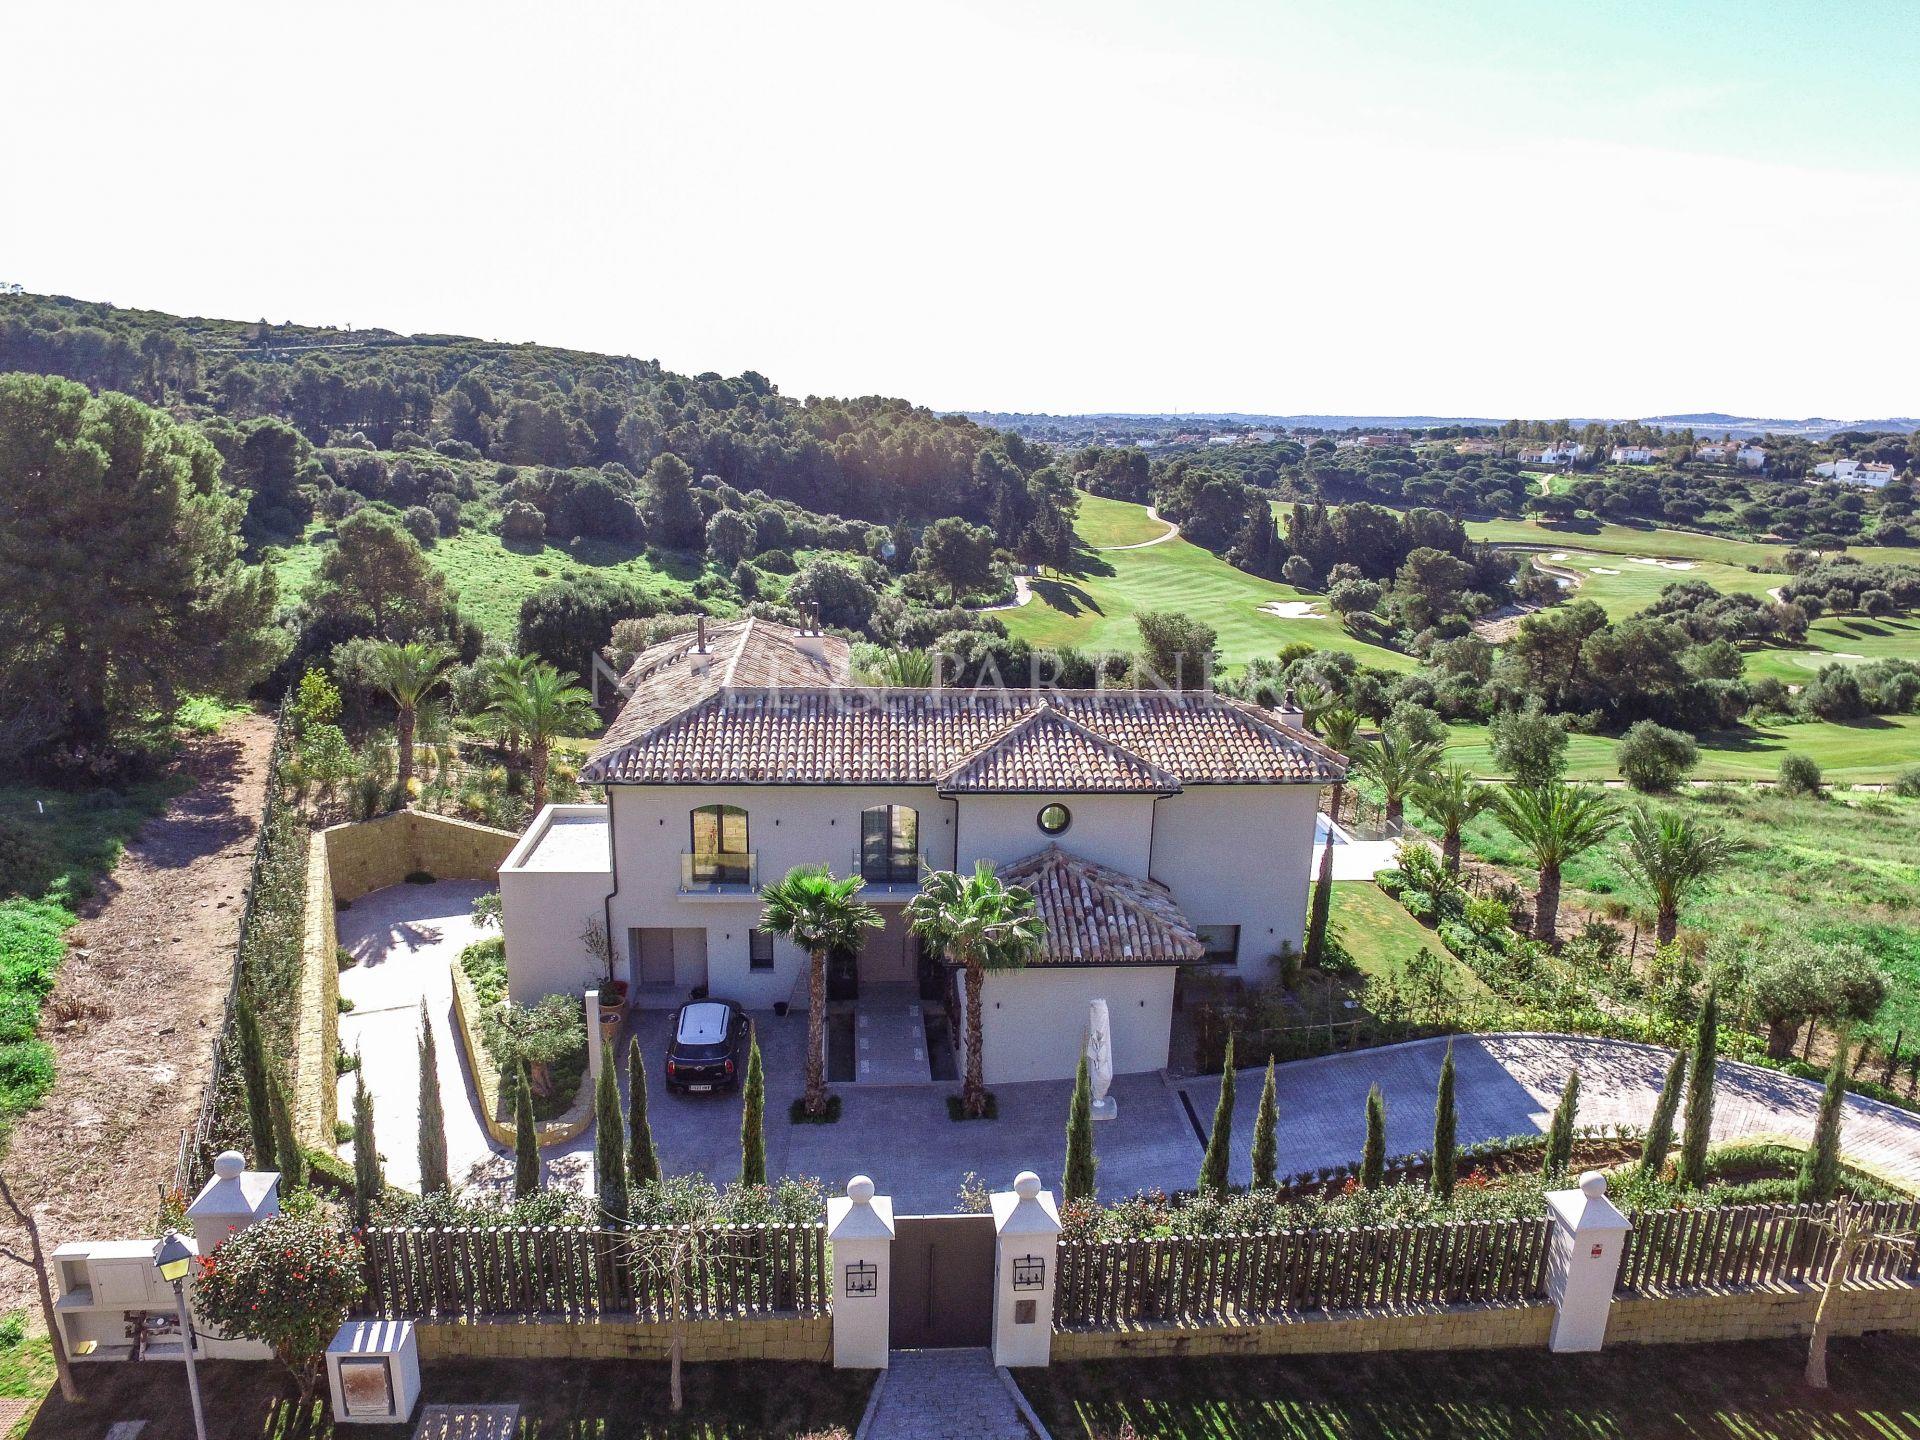 Sotogrande, La Reserva de Sotogrande, Nueva villa familiar en venta.